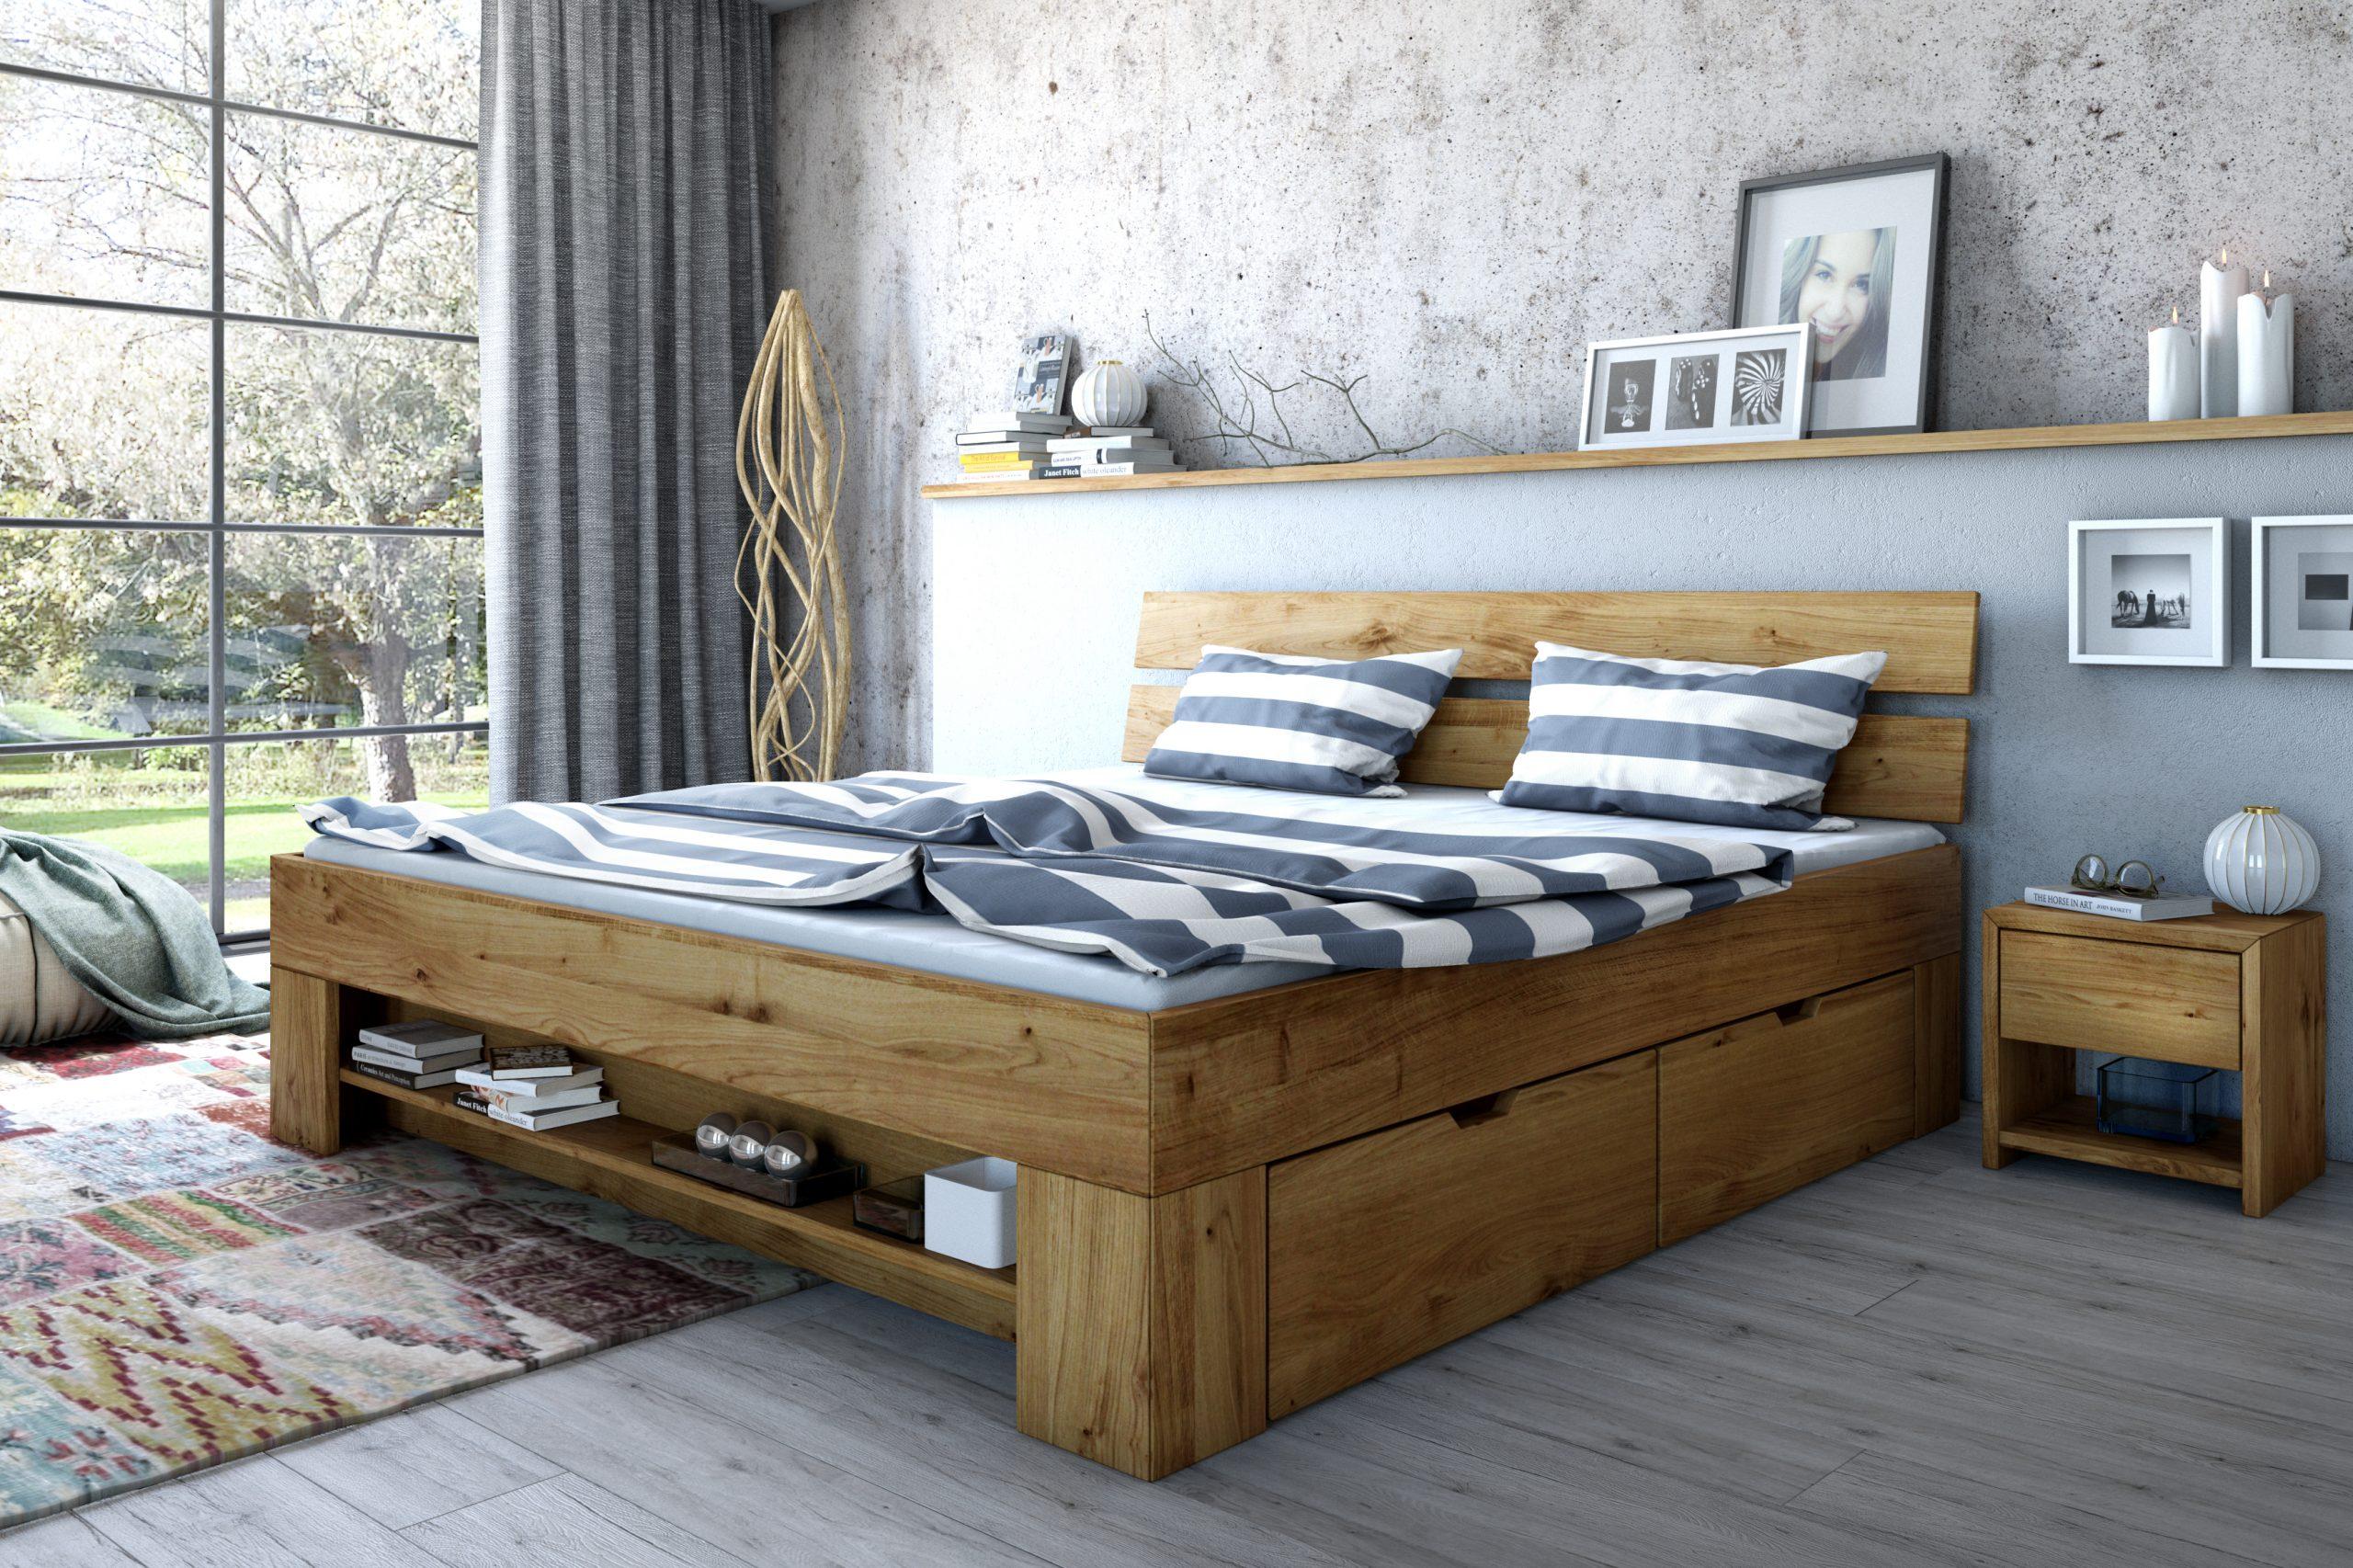 Full Size of Poco Betten Bett Mit Bettkasten Shop Mbel Bitter Gnstige Fenster Big Sofa Günstige 180x200 Amazon Breckle Dico Für übergewichtige Ottoversand Landhausstil Bett Poco Betten